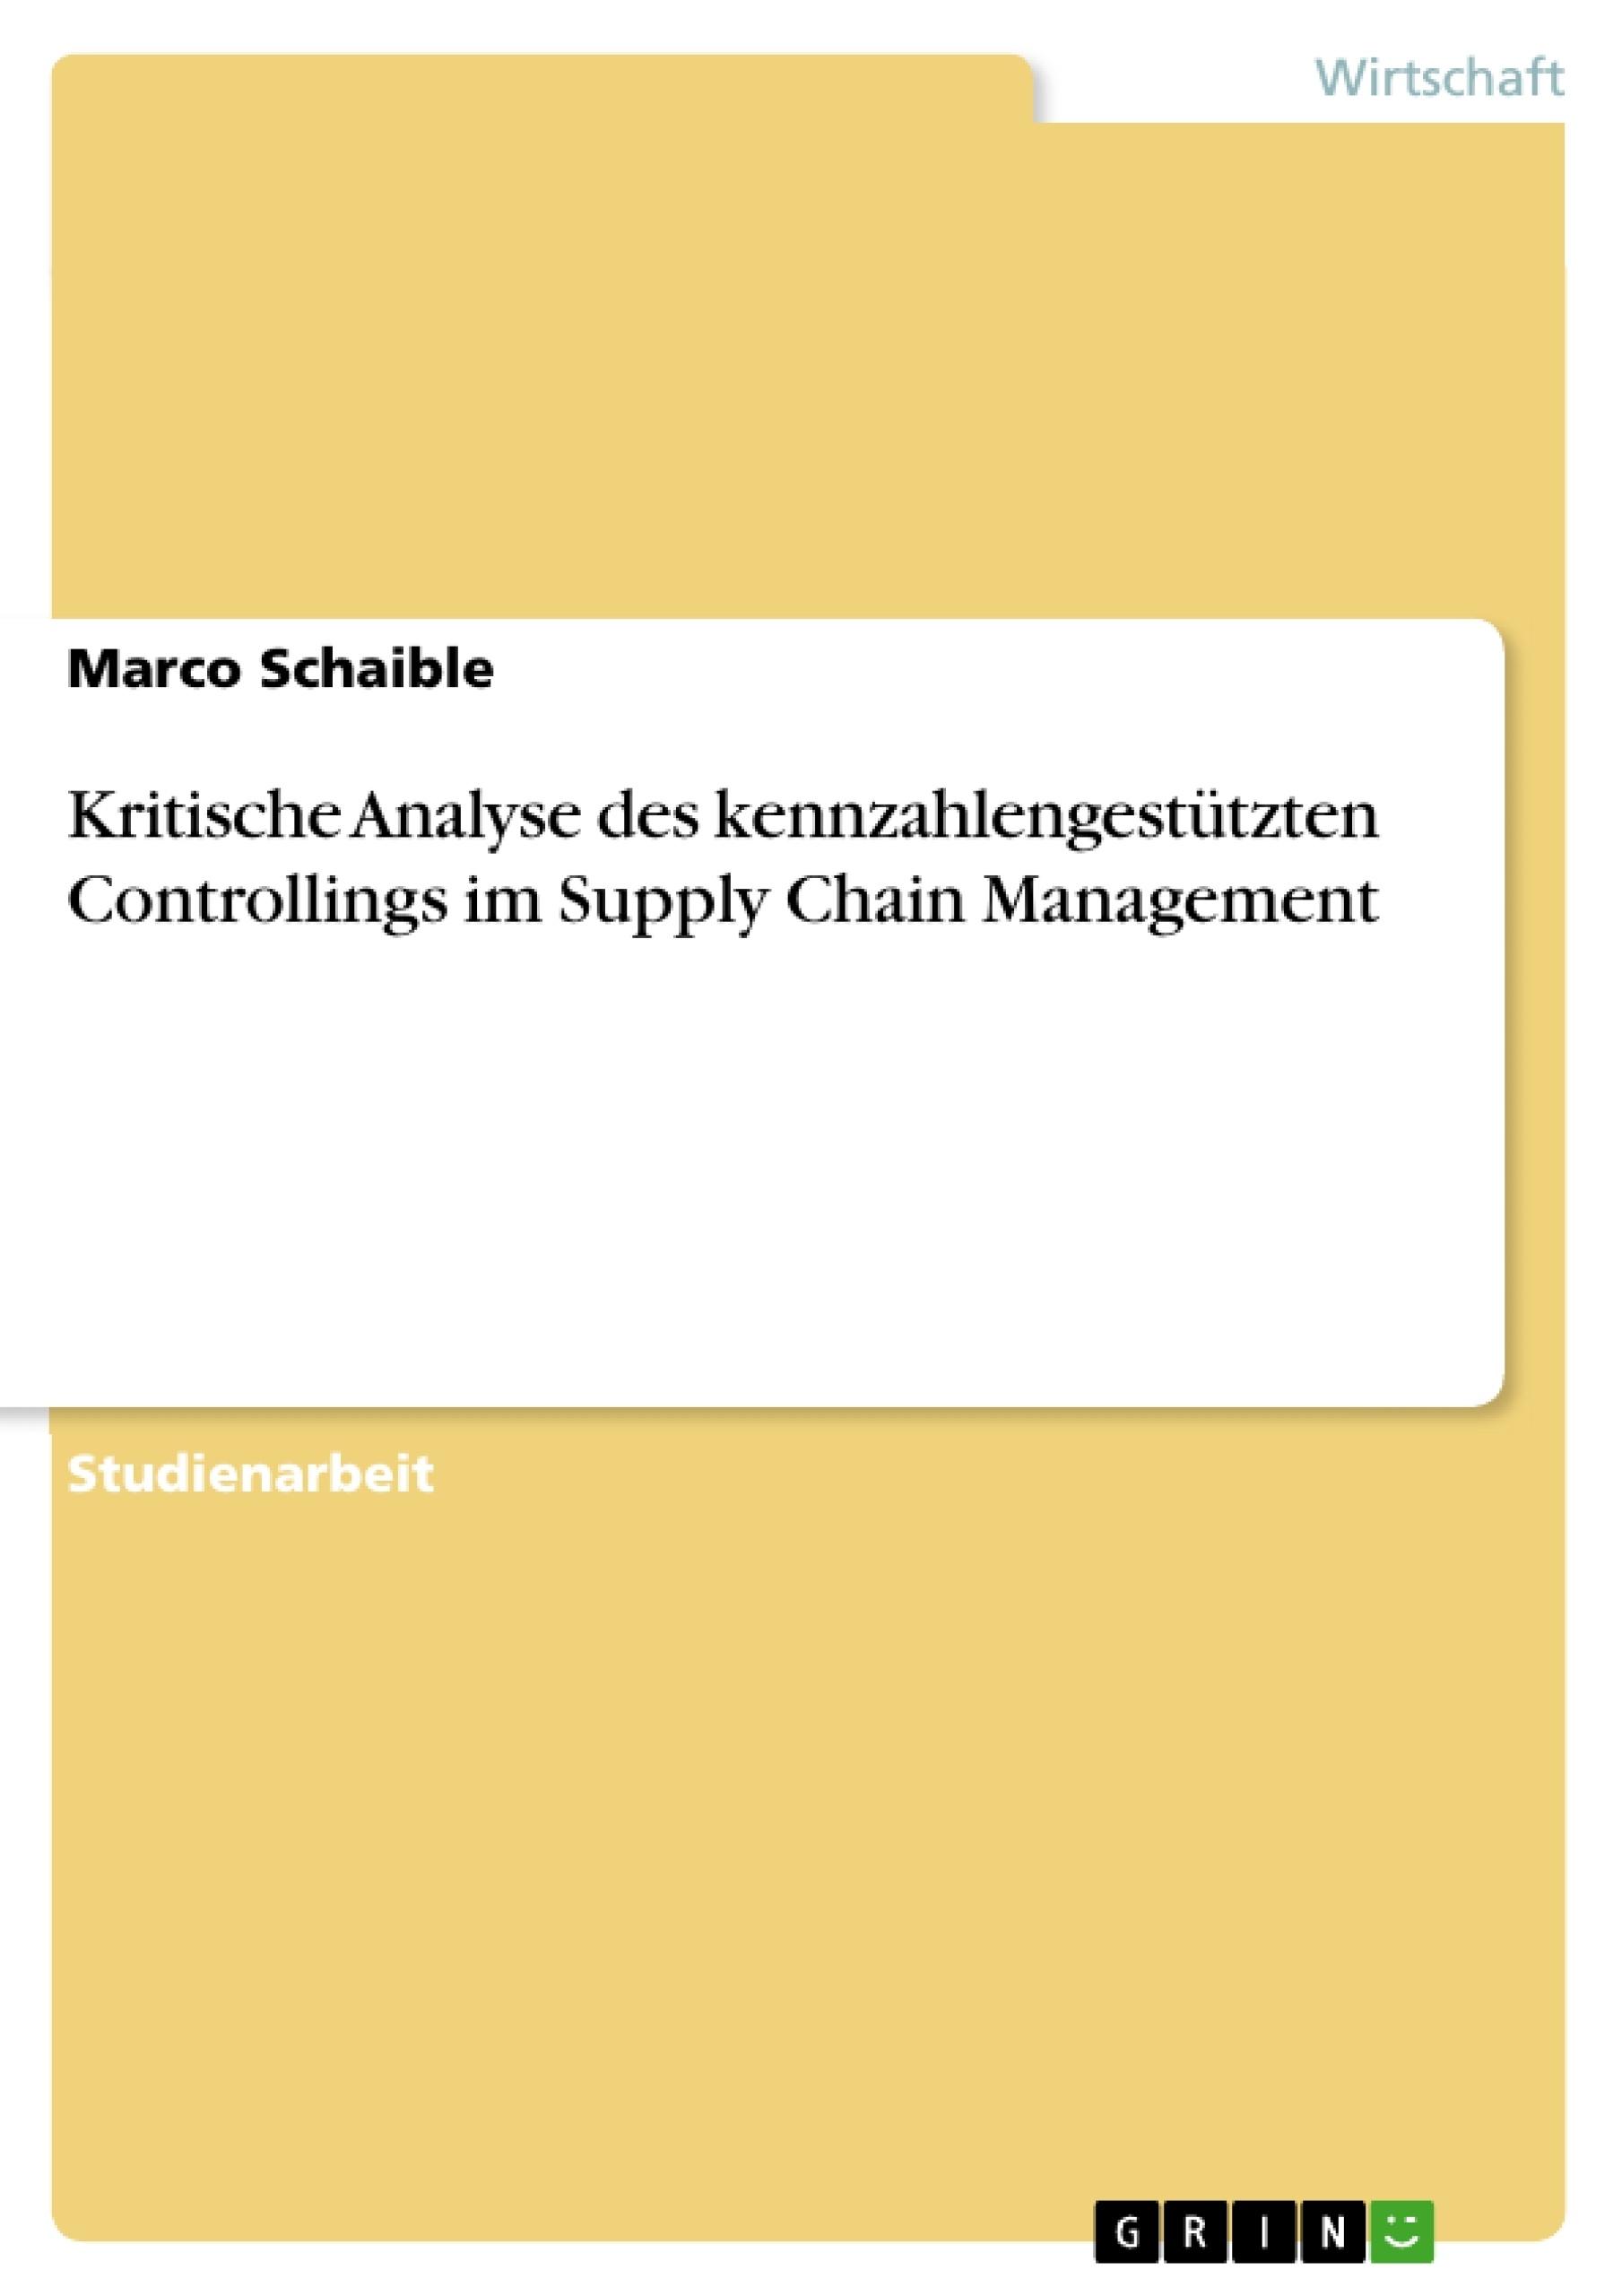 Titel: Kritische Analyse des kennzahlengestützten Controllings im Supply Chain Management